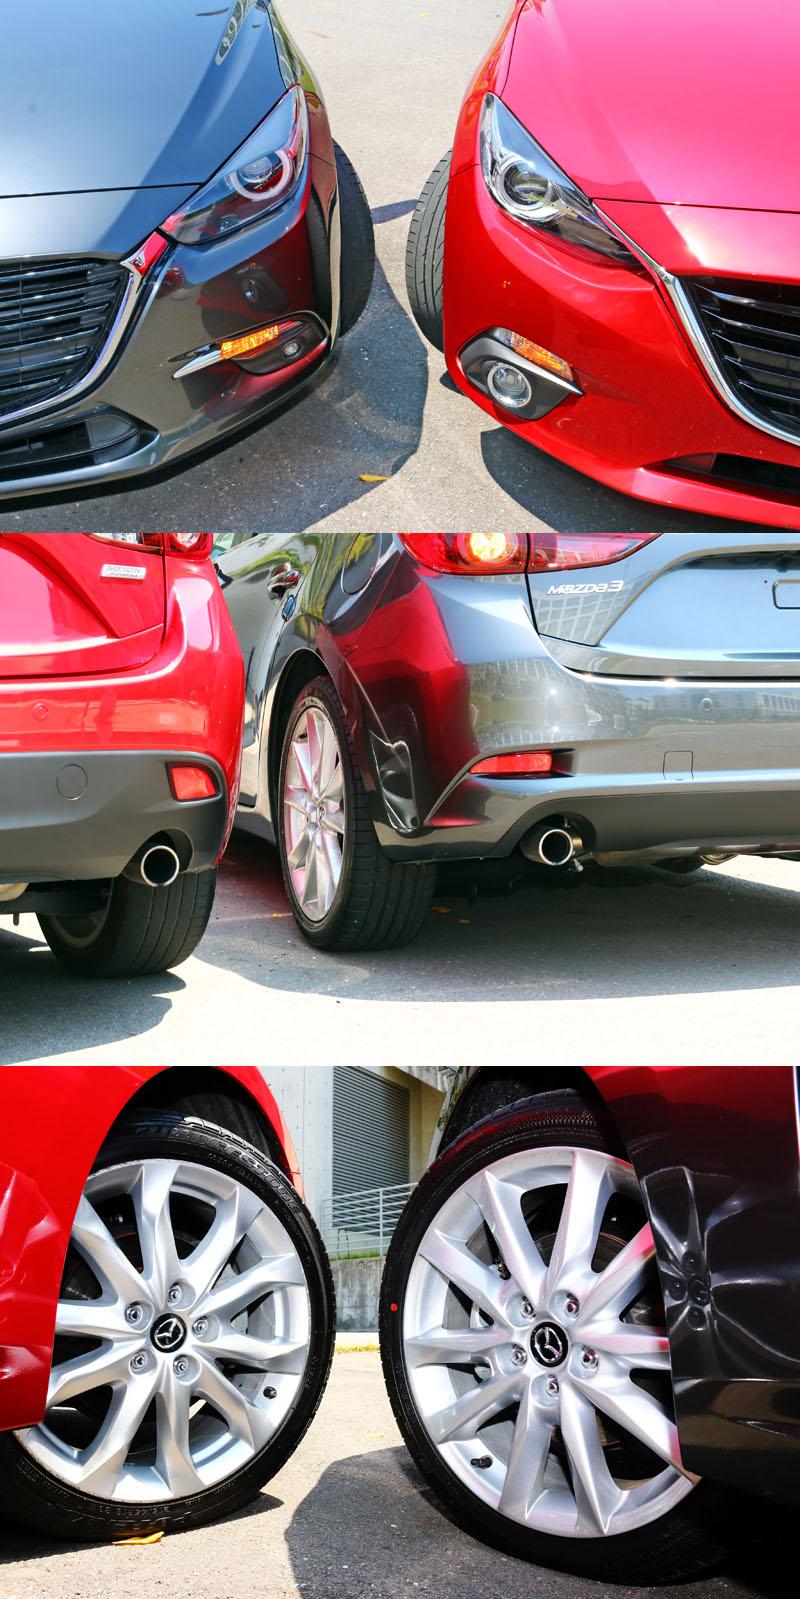 原廠設計師利用細微修飾,讓改款後Mazda3顯得較為內斂些。